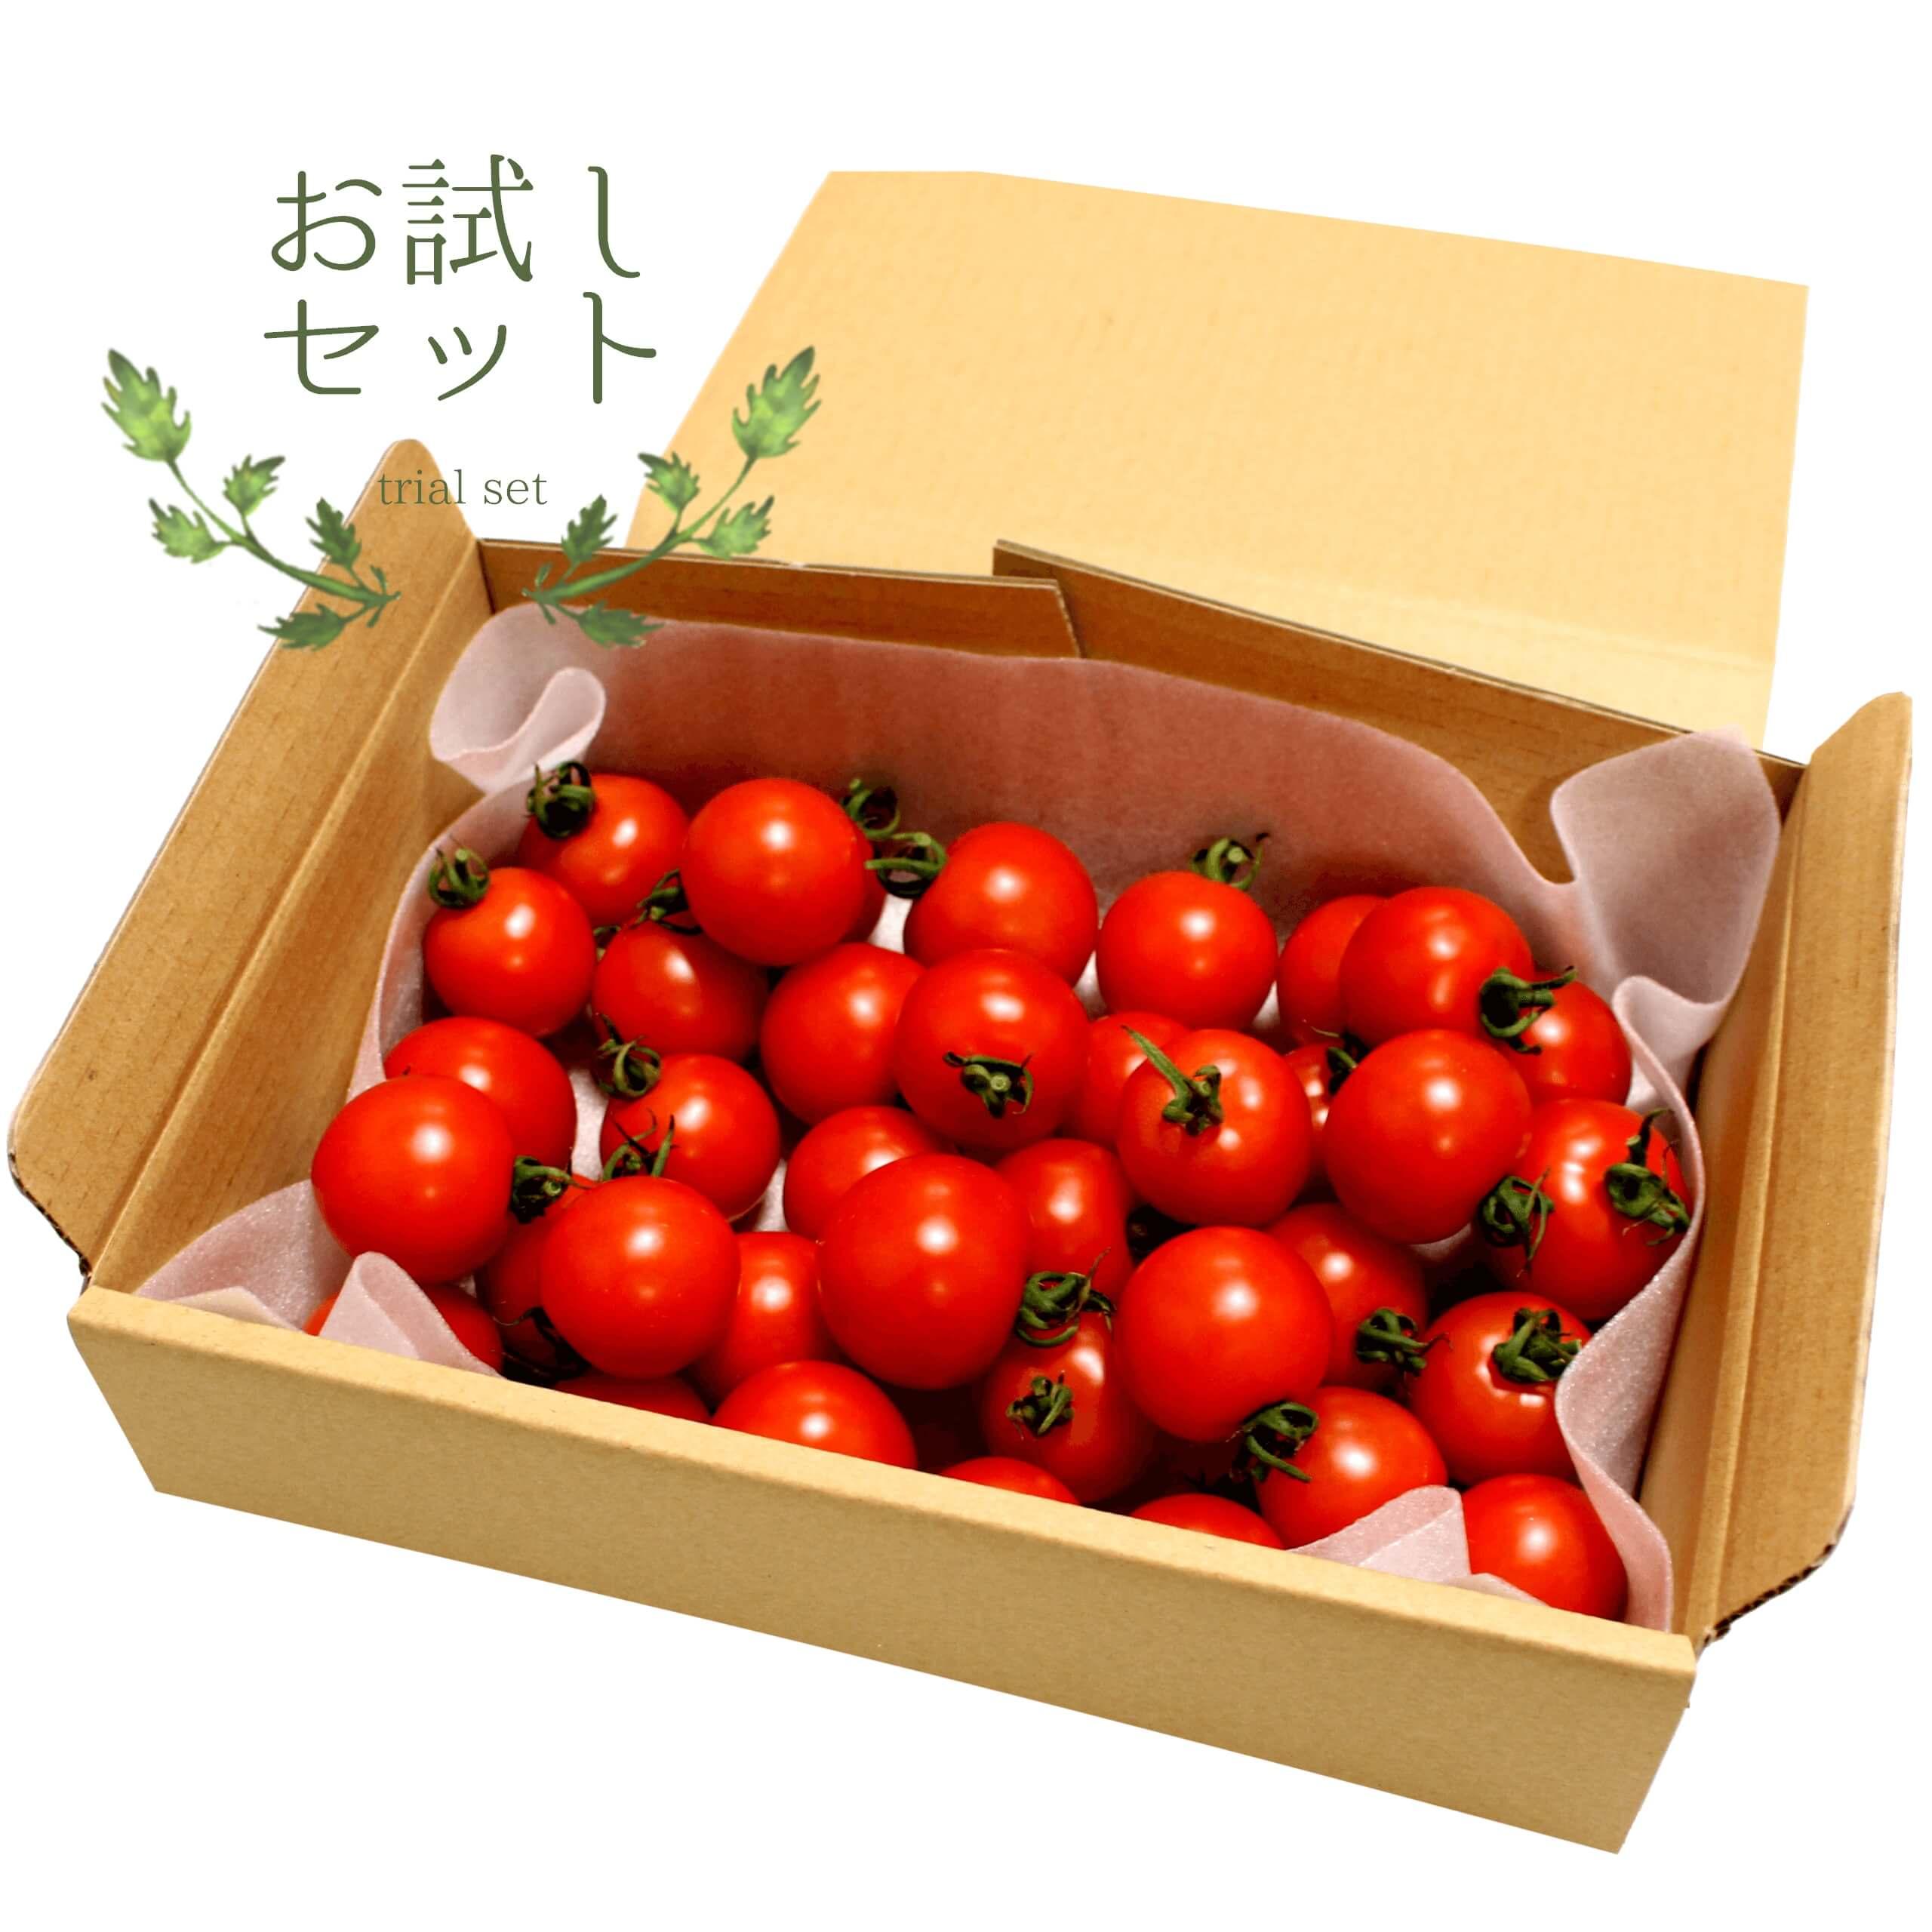 高原トマトお試しセット